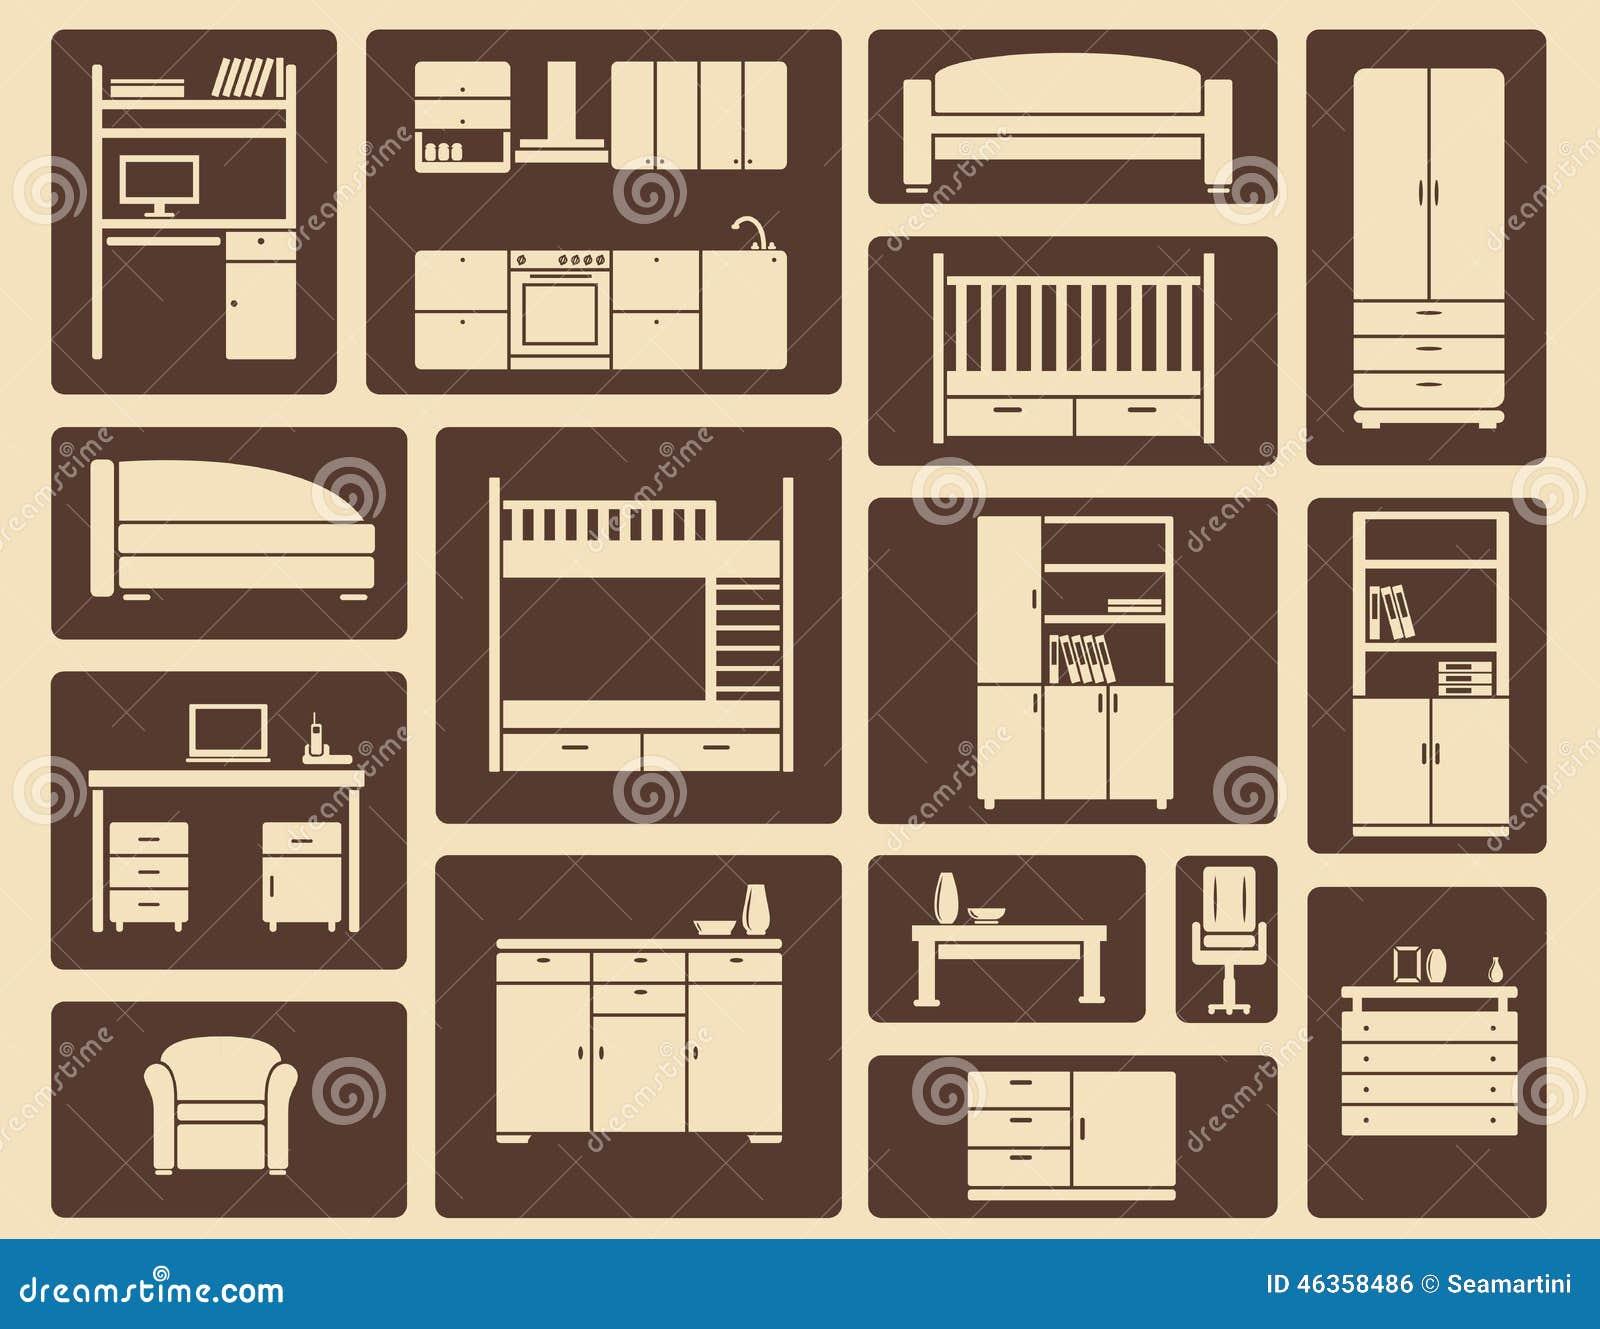 Muebles Planos E Iconos Interiores Ilustración del Vector  Imagen